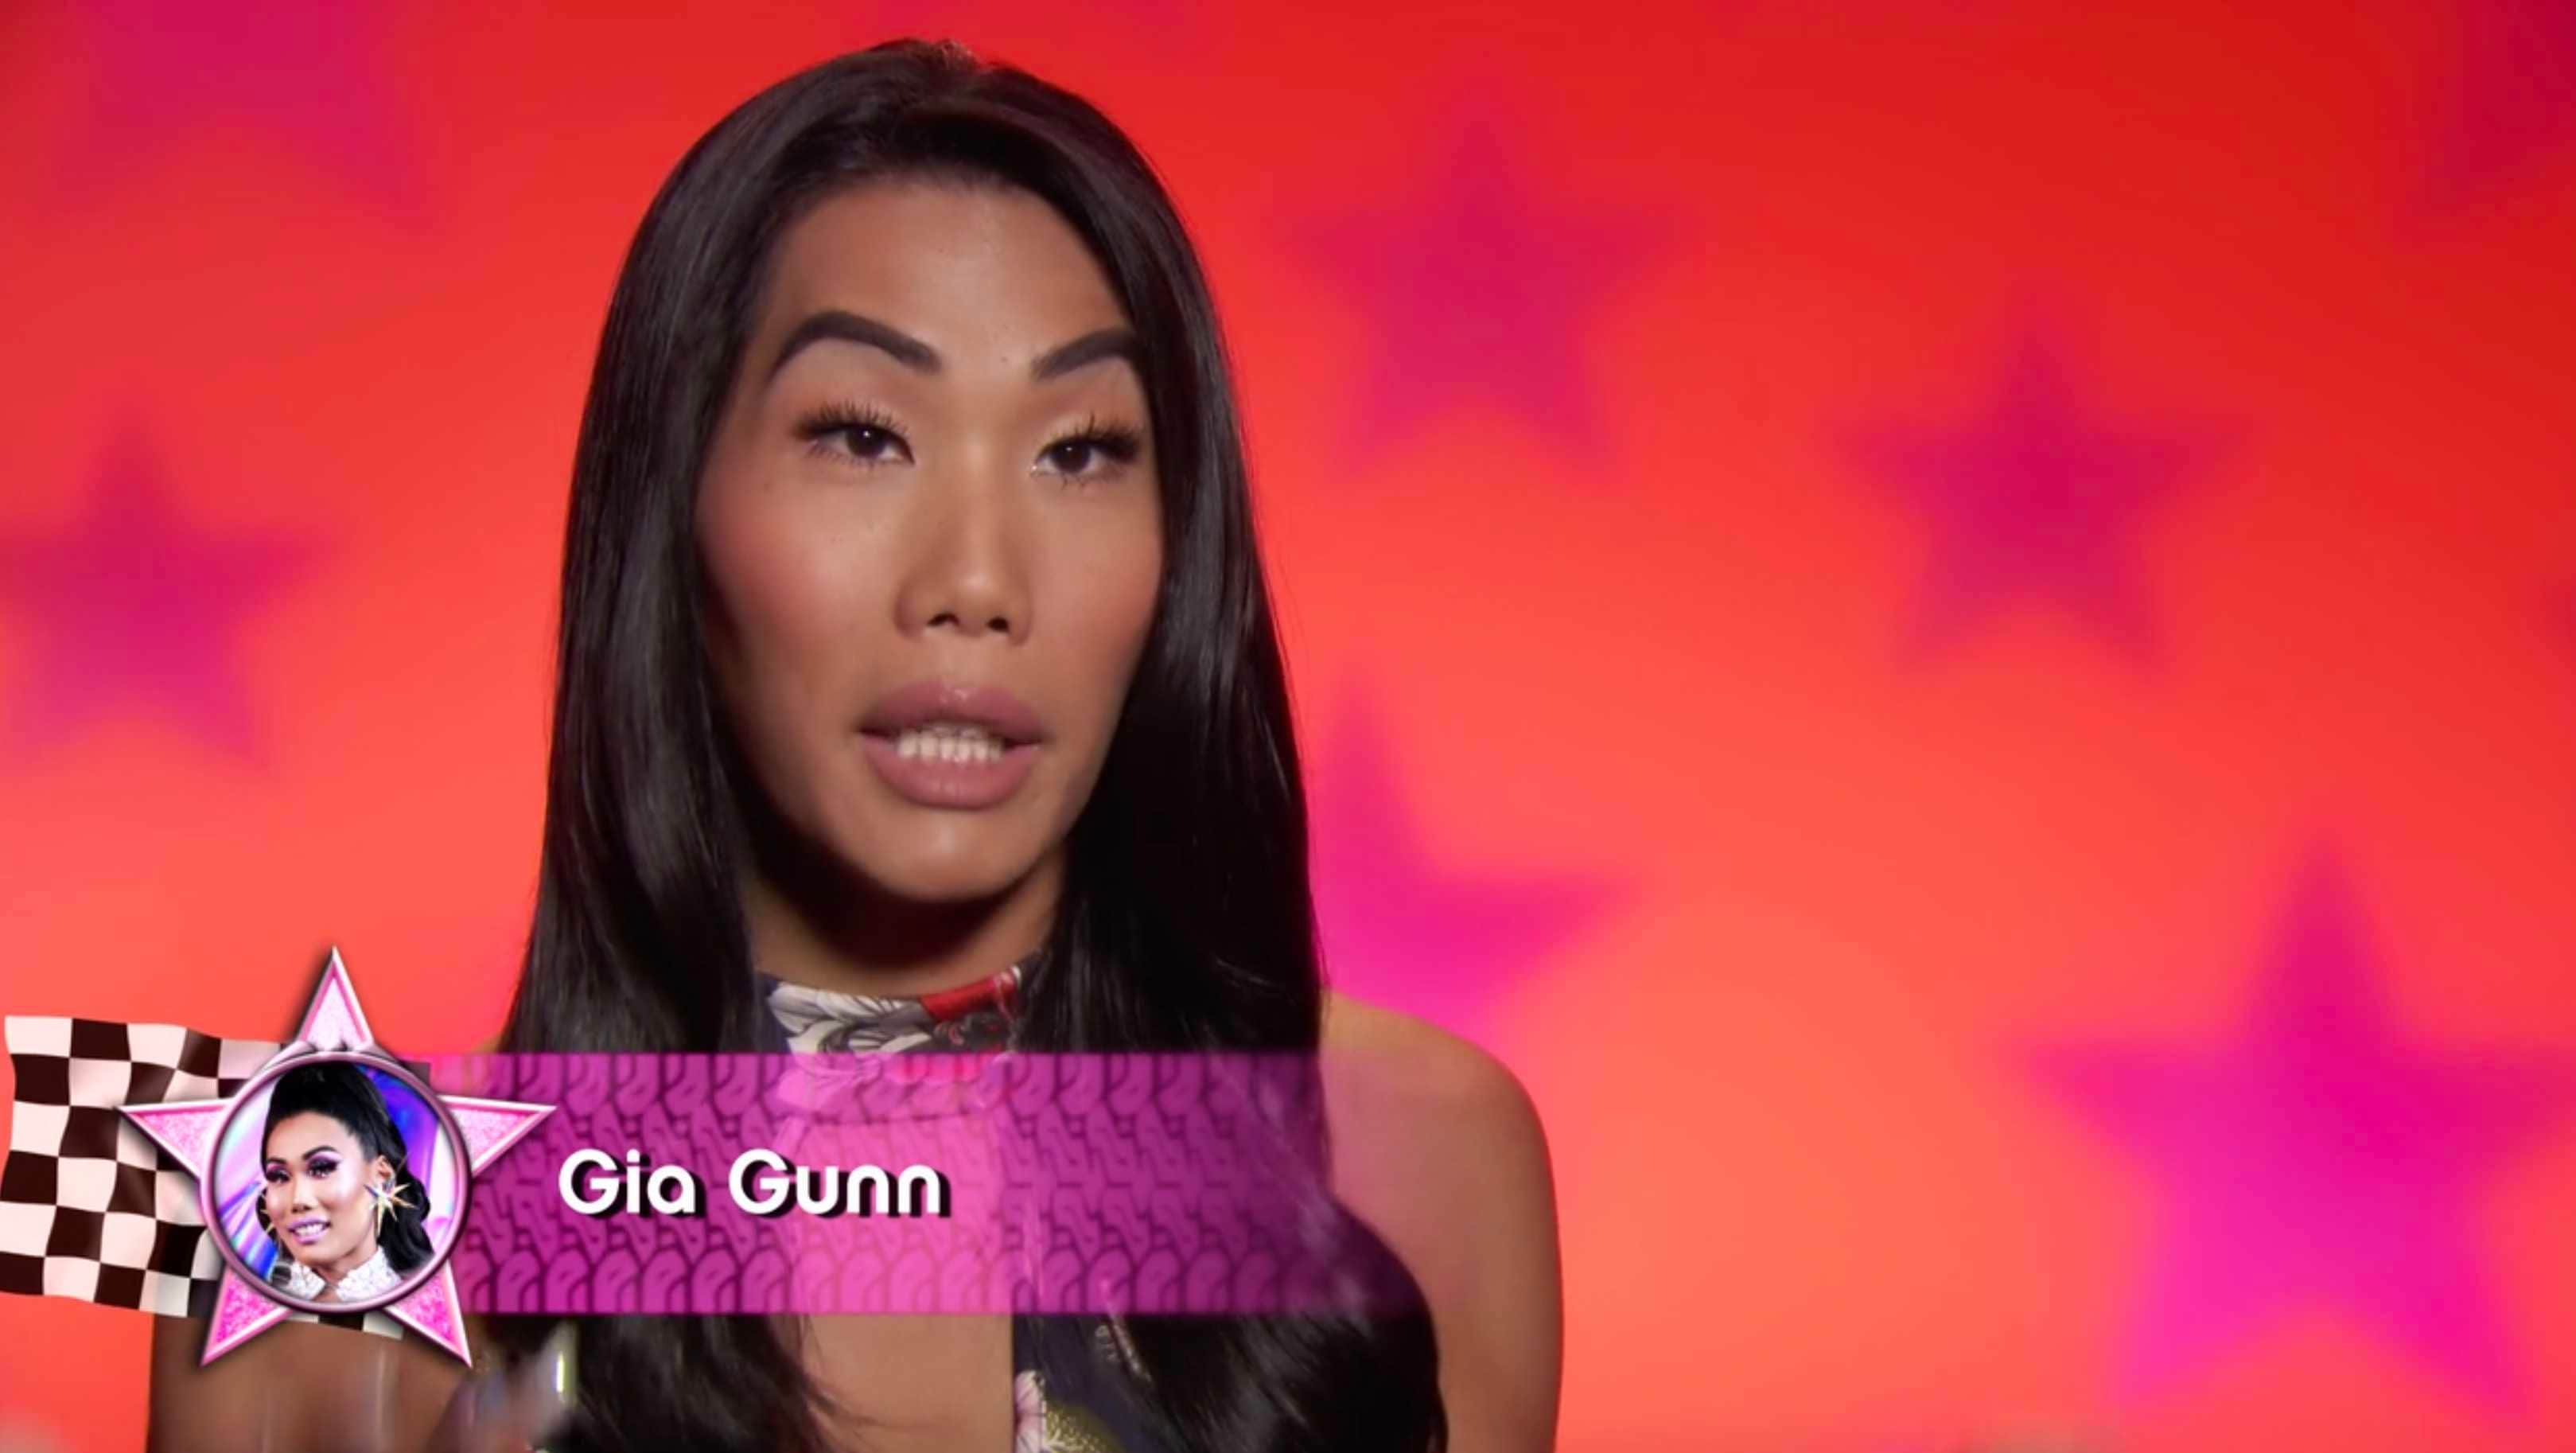 Gia Gunn RuPaul's Drag Race All Stars 4 netflix